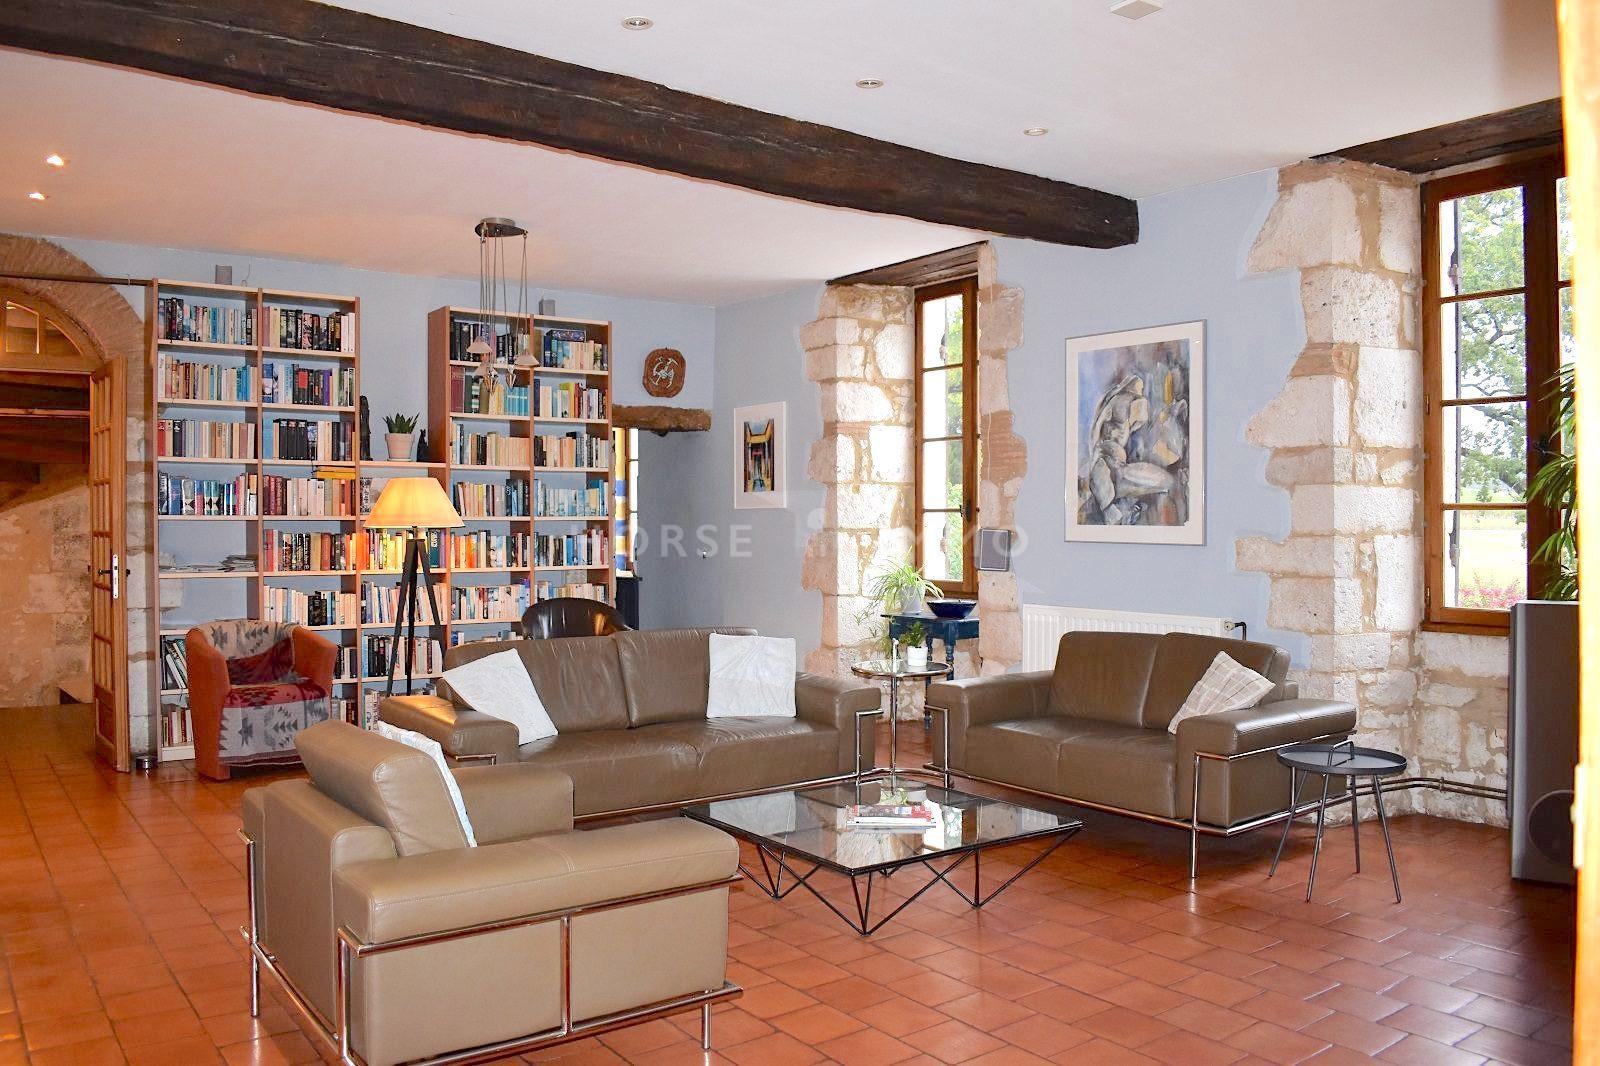 1615973426 VM1712 1 original - Château de 340m² sur 3.5ha à 15 min de Bergerac